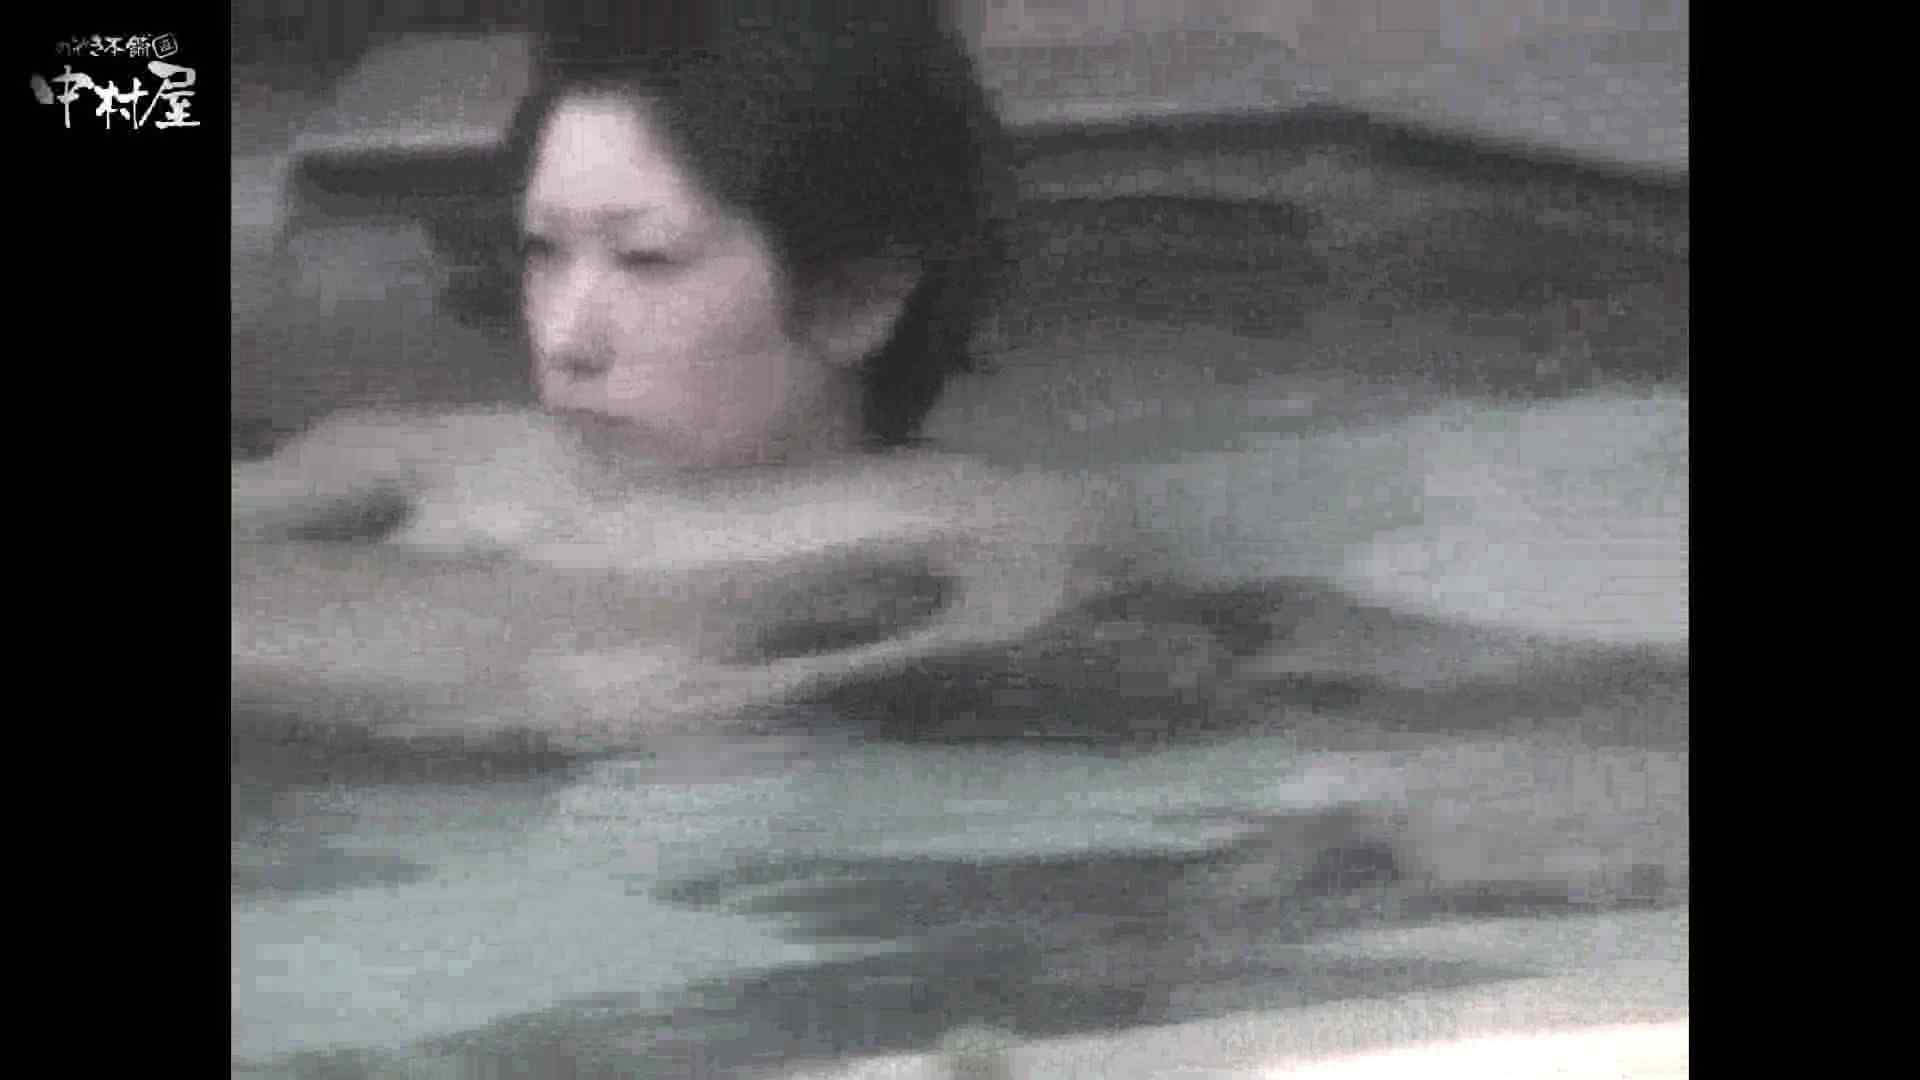 Aquaな露天風呂Vol.871潜入盗撮露天風呂七判湯 其の三 盗撮師作品 オメコ動画キャプチャ 73pic 18